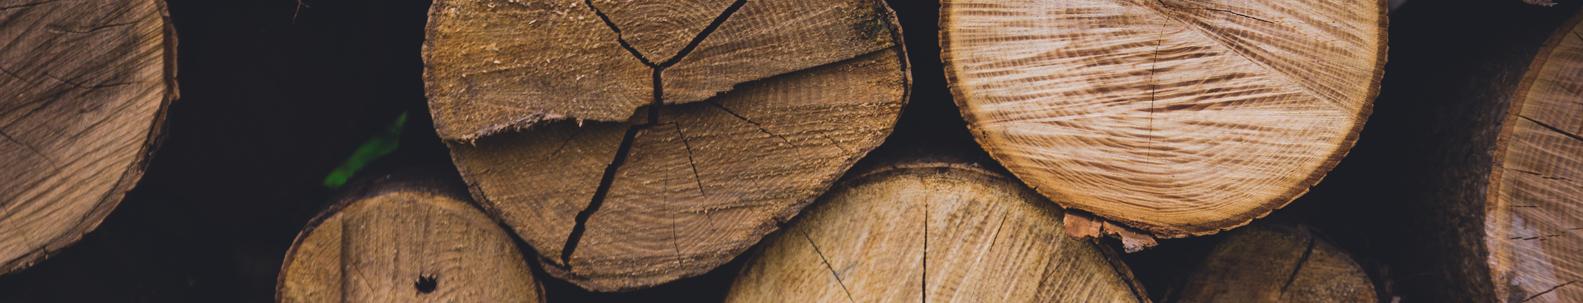 Staklės malkoms skaldyti  Pažangios, aukštos kokybės staklės malkoms skaldyti